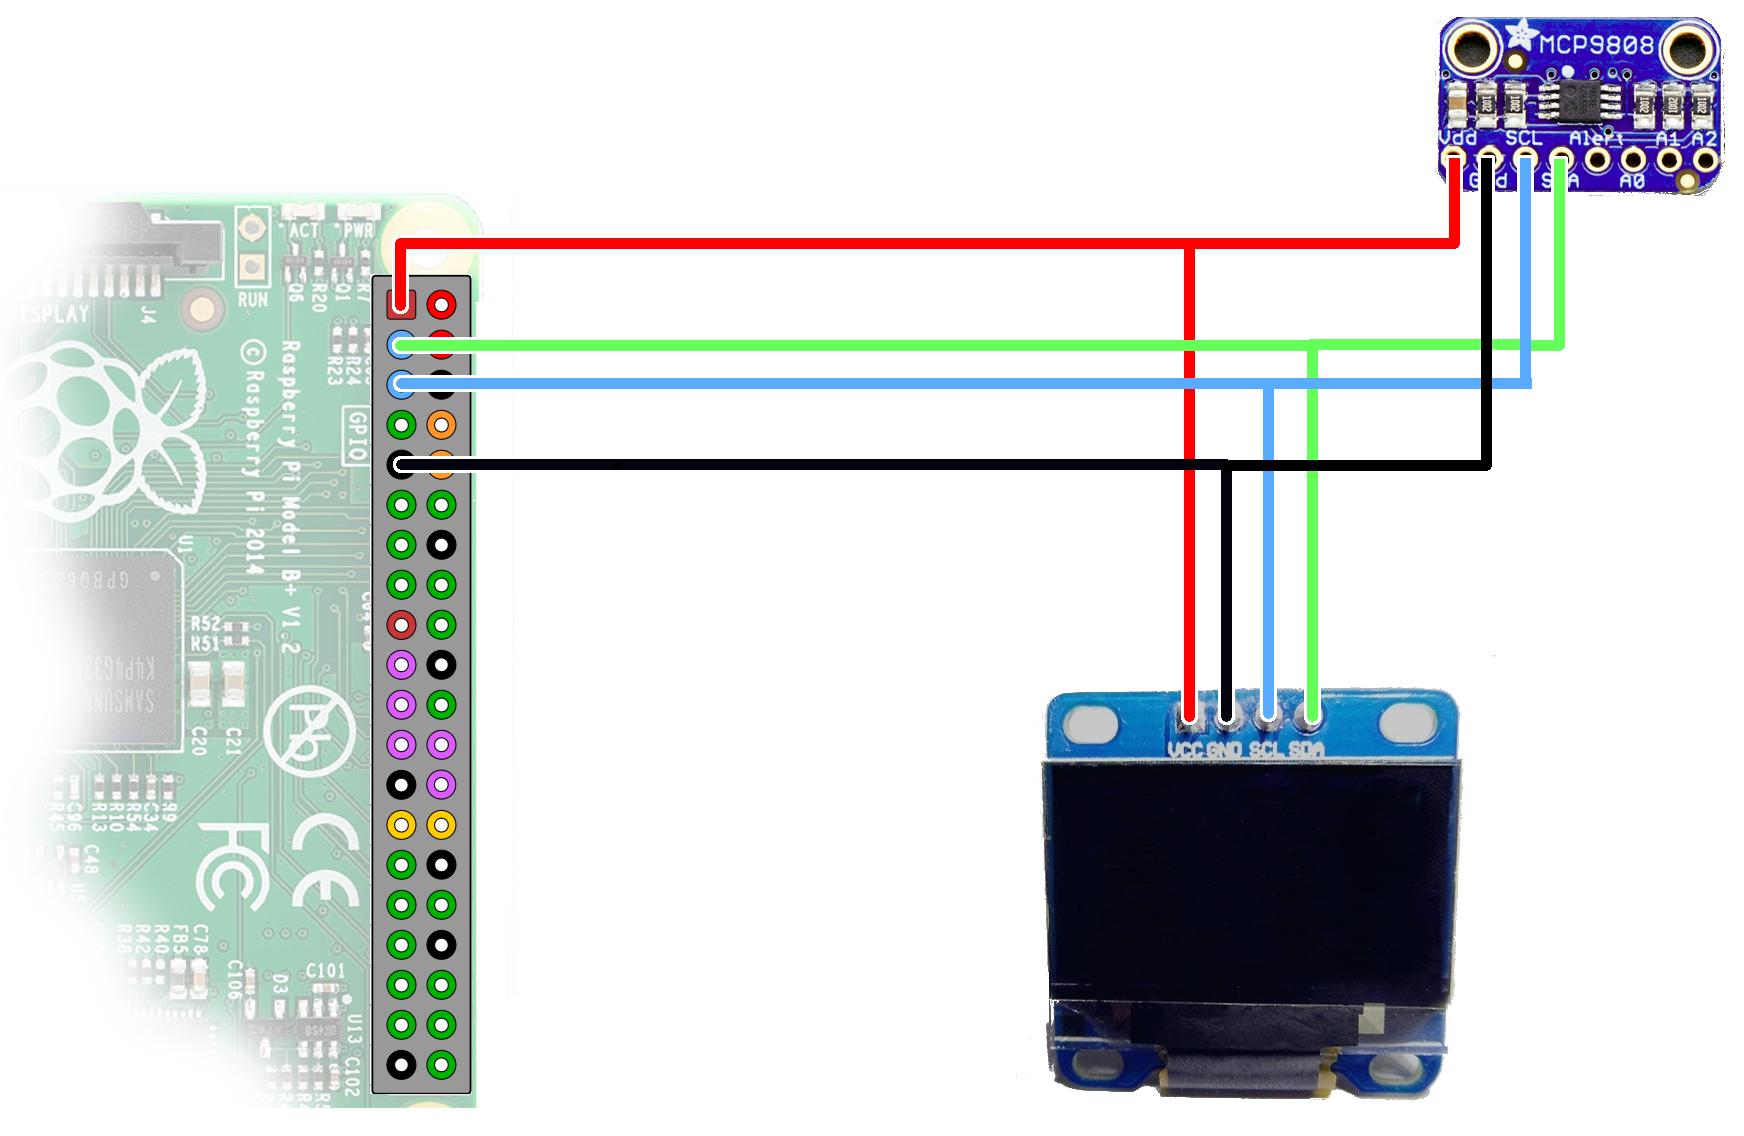 Wiringpi Example C Schematics Data Wiring Diagrams En I2c 10 Diagram Images Originalpart Co